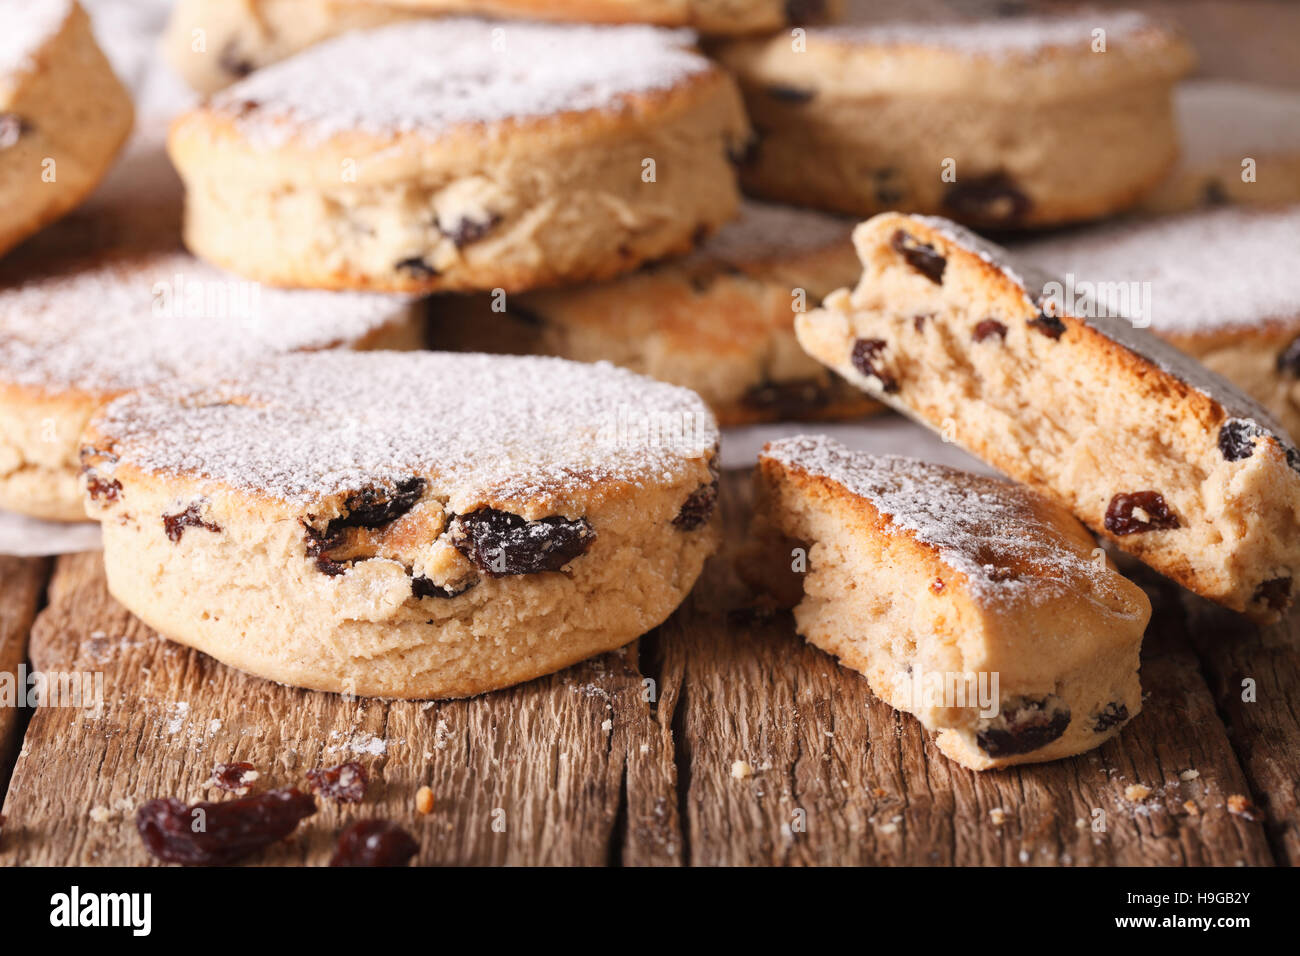 Biscuits britannique: gâteaux gallois avec des raisins secs et du sucre en poudre sur la table horizontale. Banque D'Images